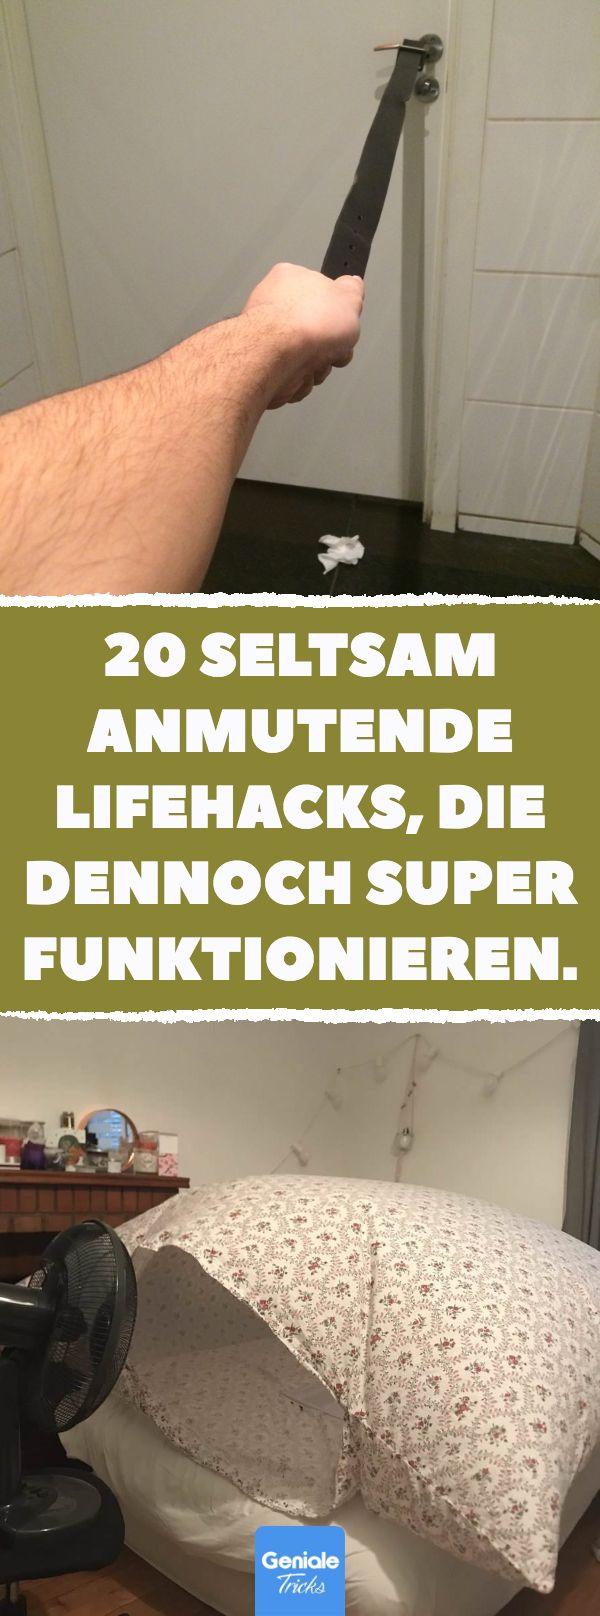 20 seltsam anmutende Lifehacks, die dennoch super funktionieren. #lifehacks #tip…